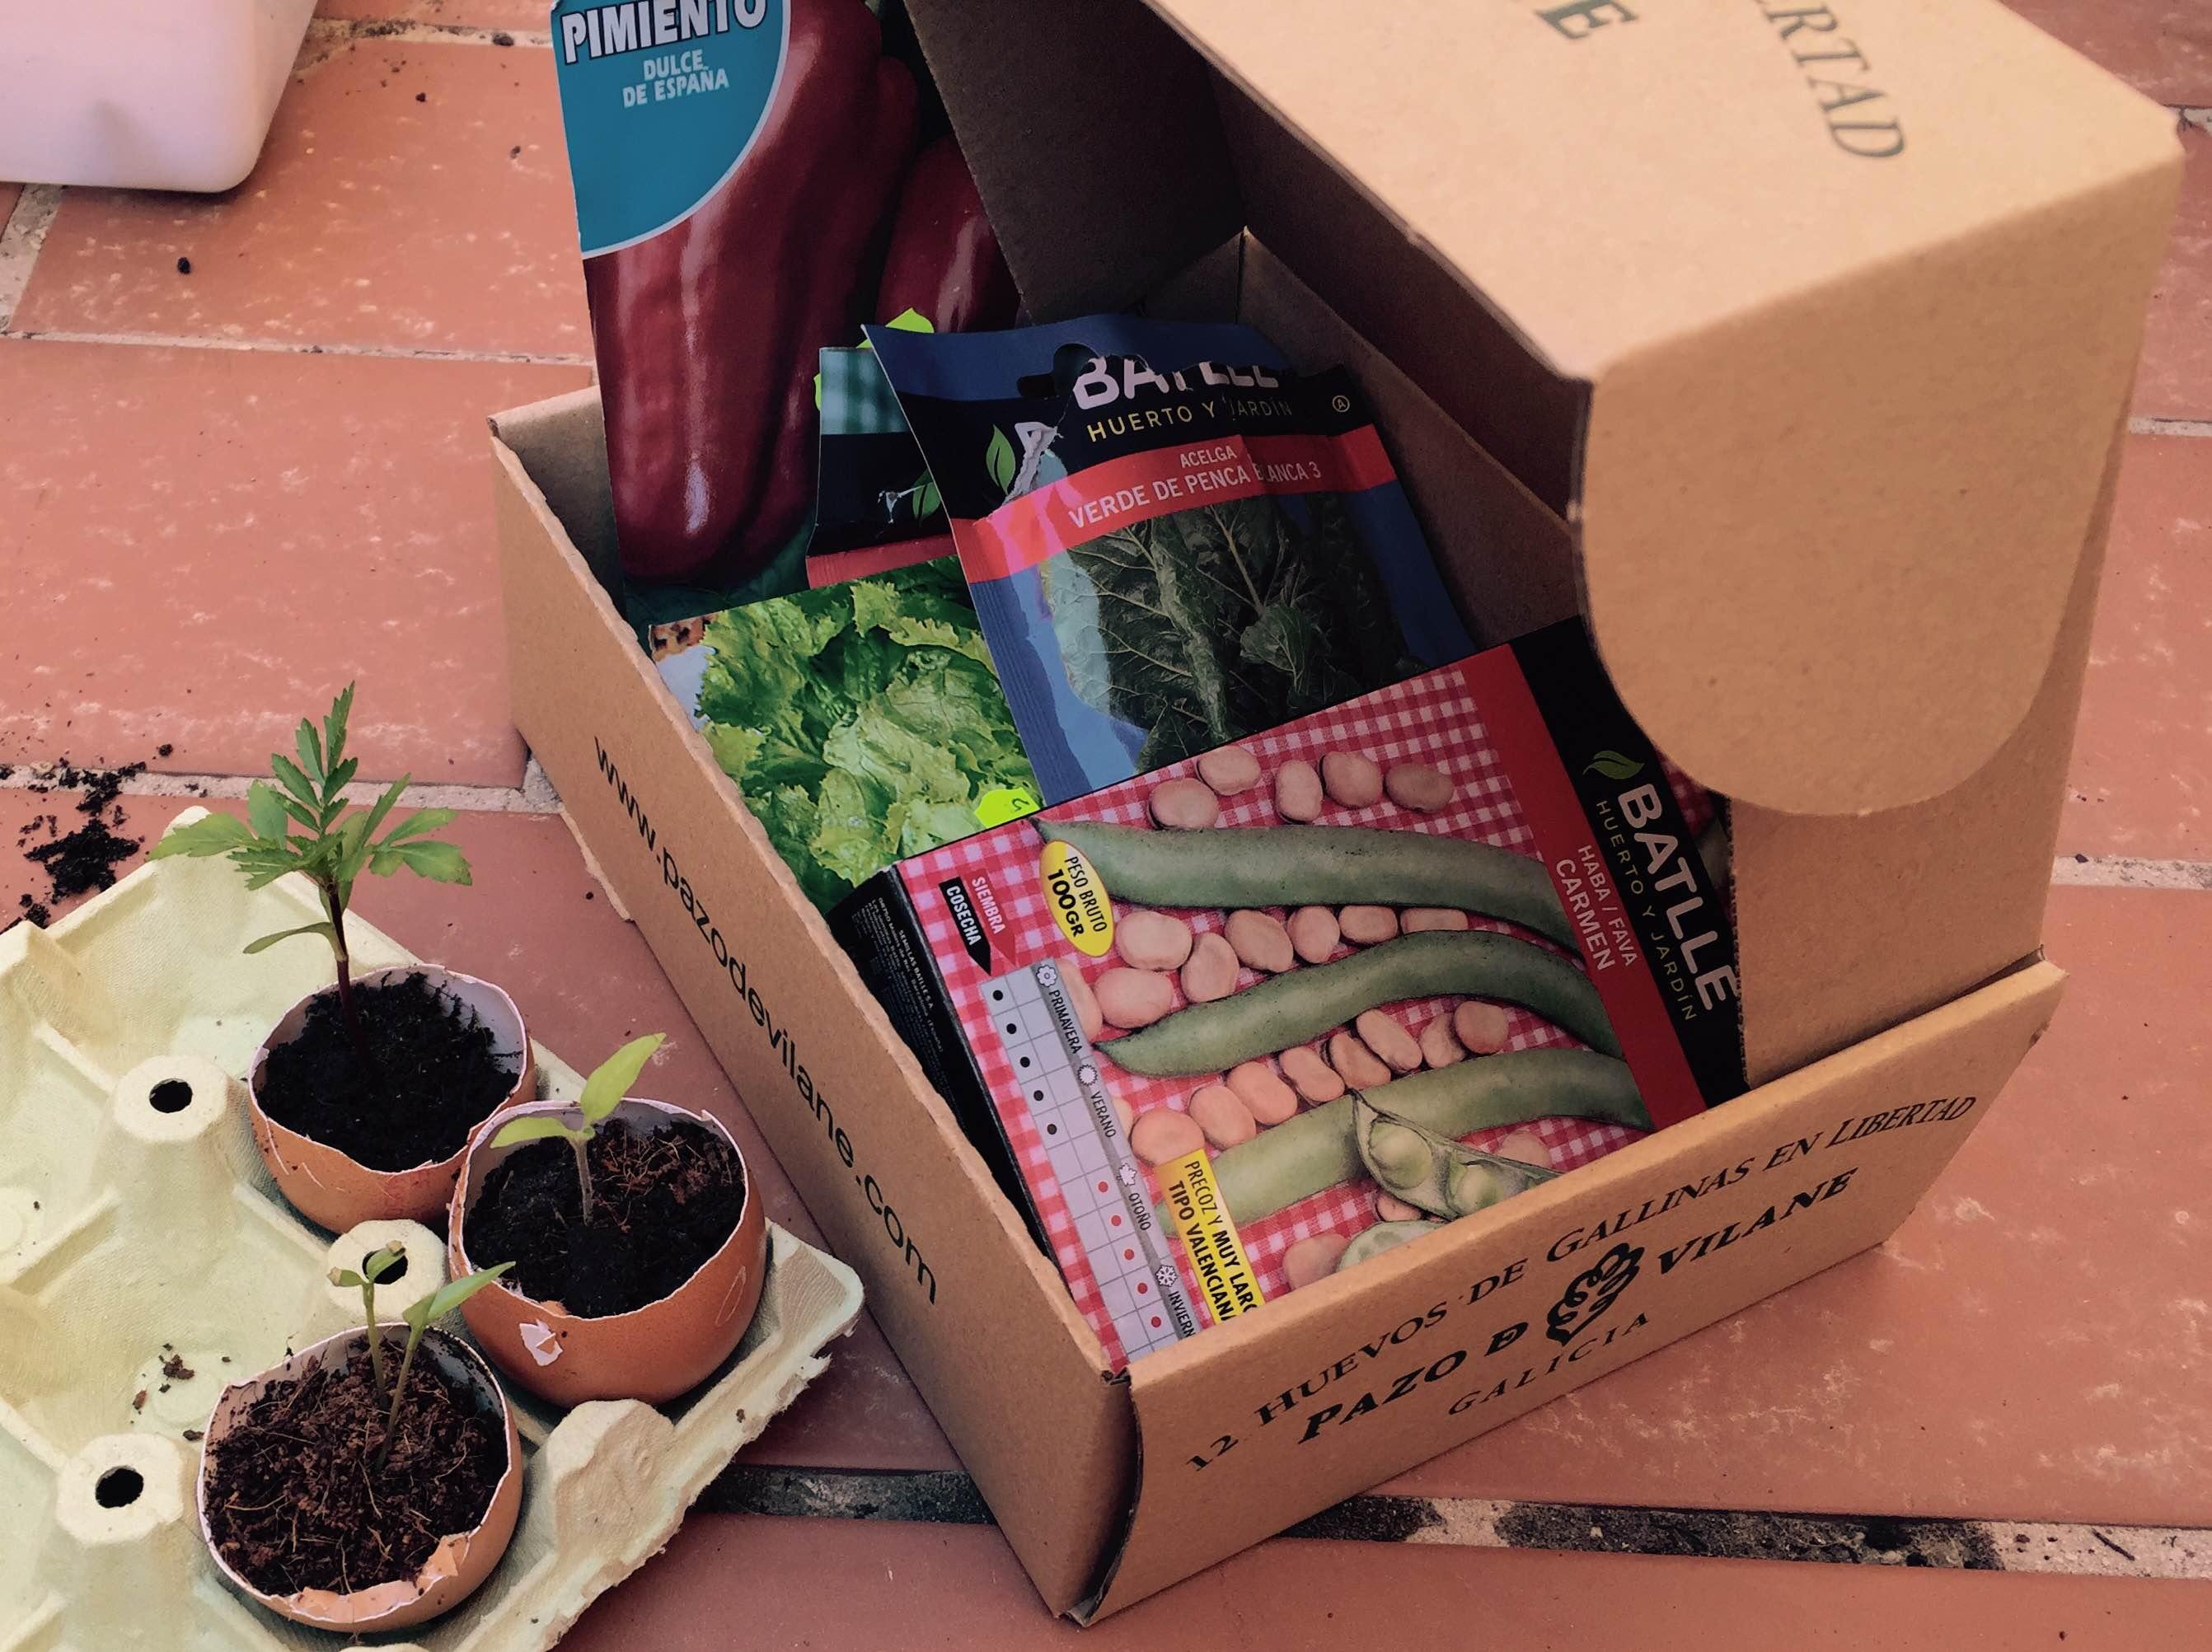 Las cáscaras y las cajas de huevos camperos Pazo de Vilane reutilizadas como semilleros